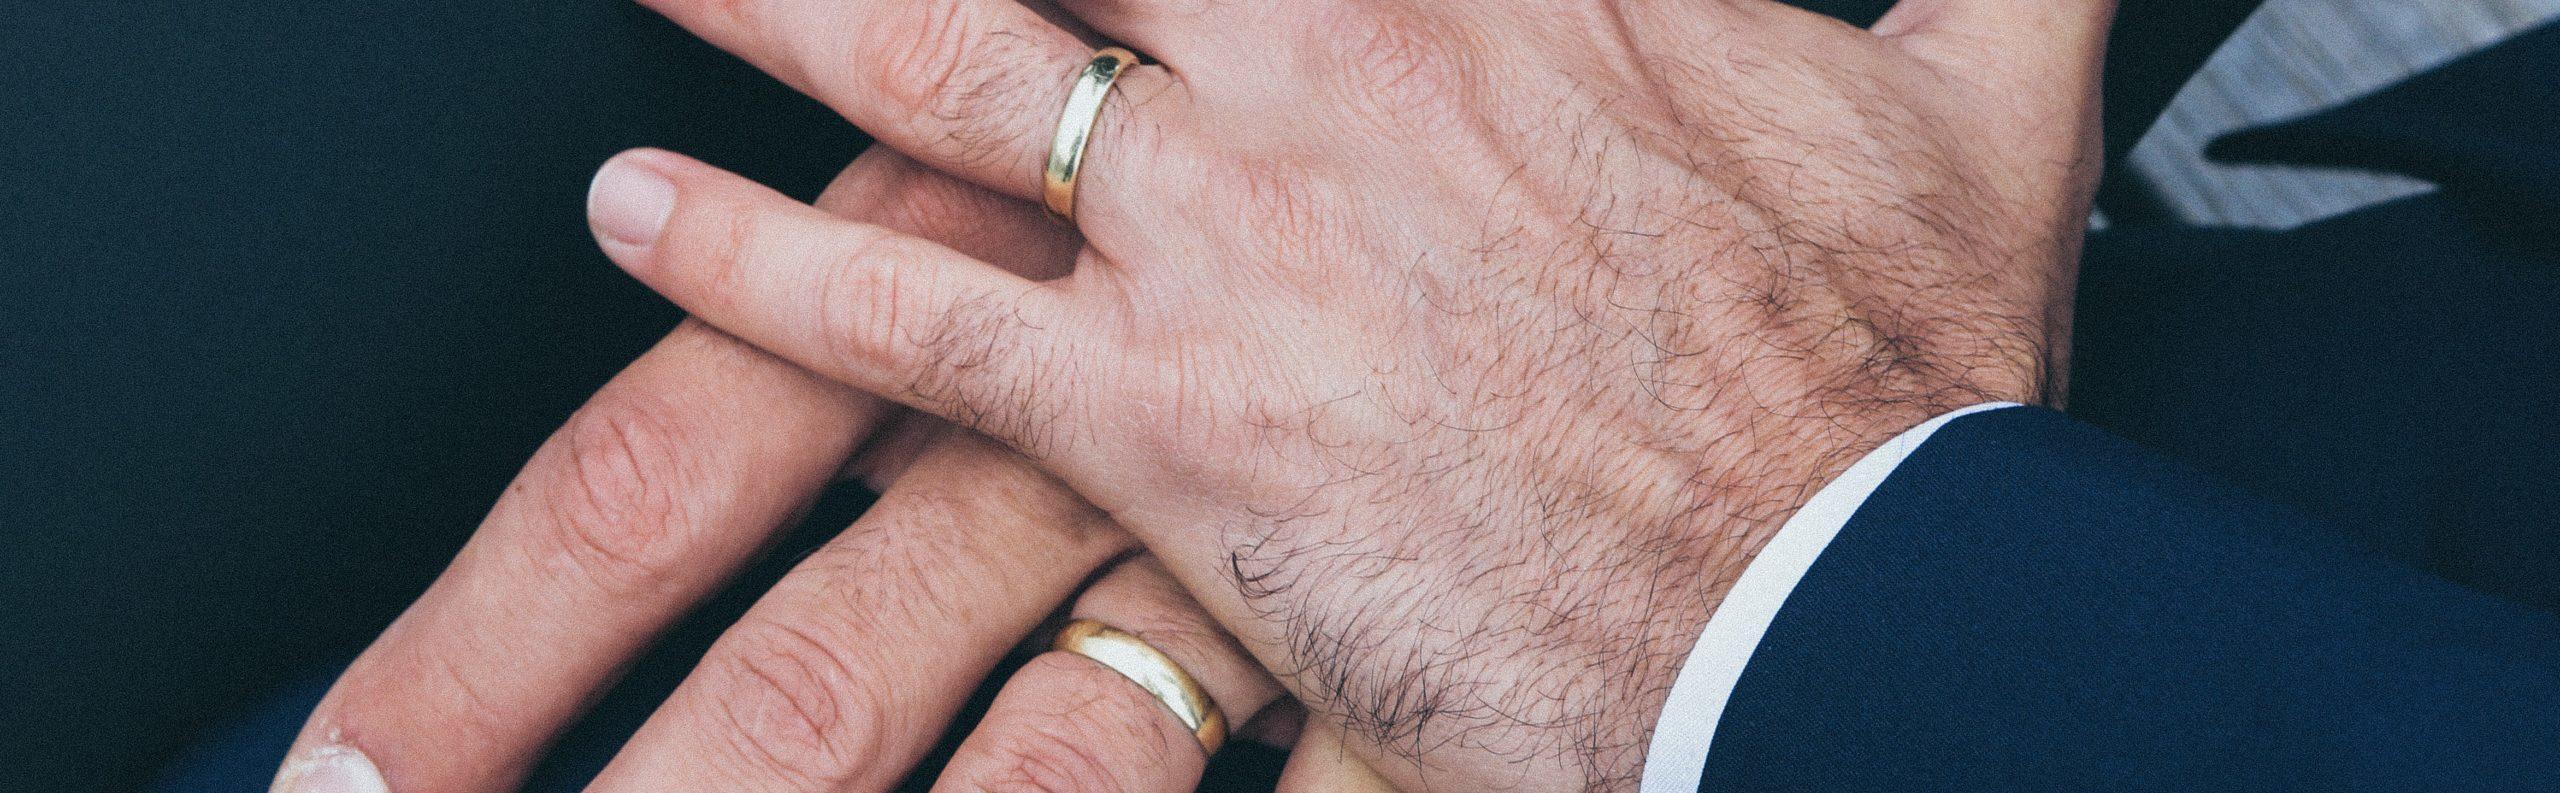 two men showing wedding rings